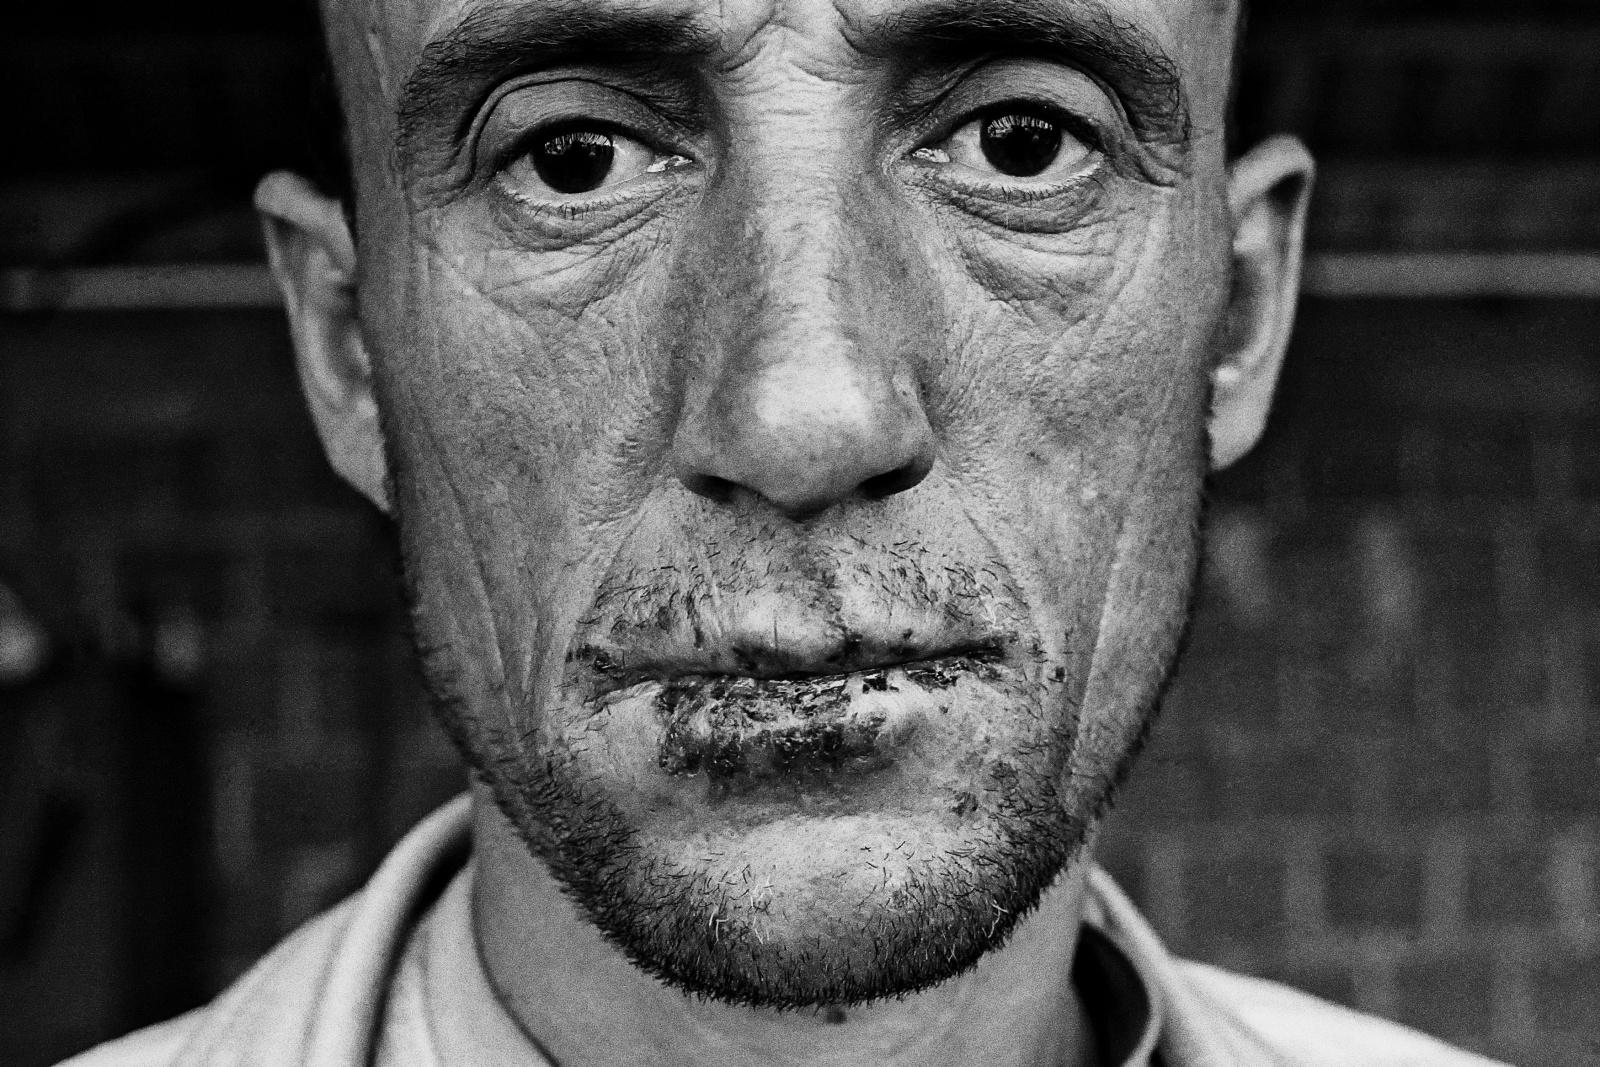 Kosovo giugno 1999. Maurau Majredin, kosovaro di etnia albanese, imprigionato e torturato dalle milizie paramilitari serbe nel campo di Leskovac.